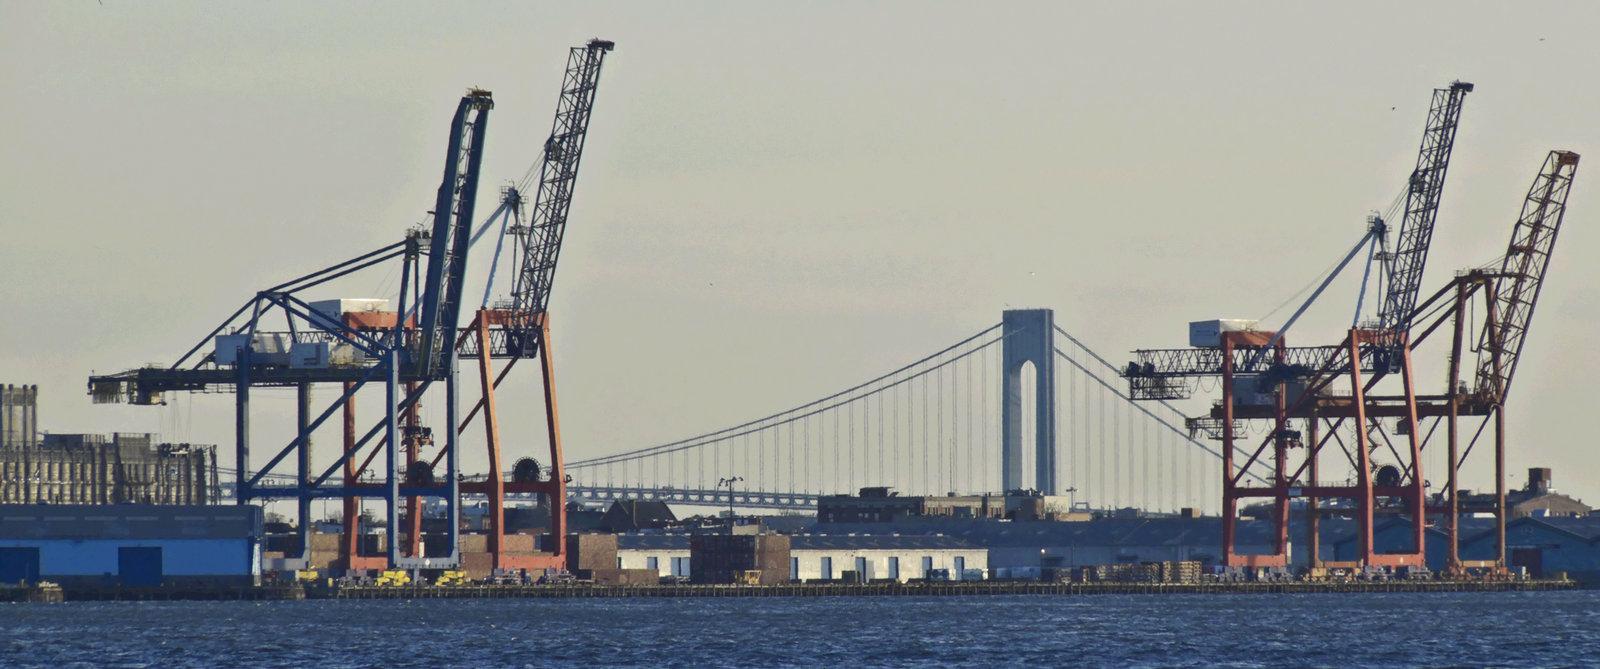 South Beach Staten Island, NY Private Investigator